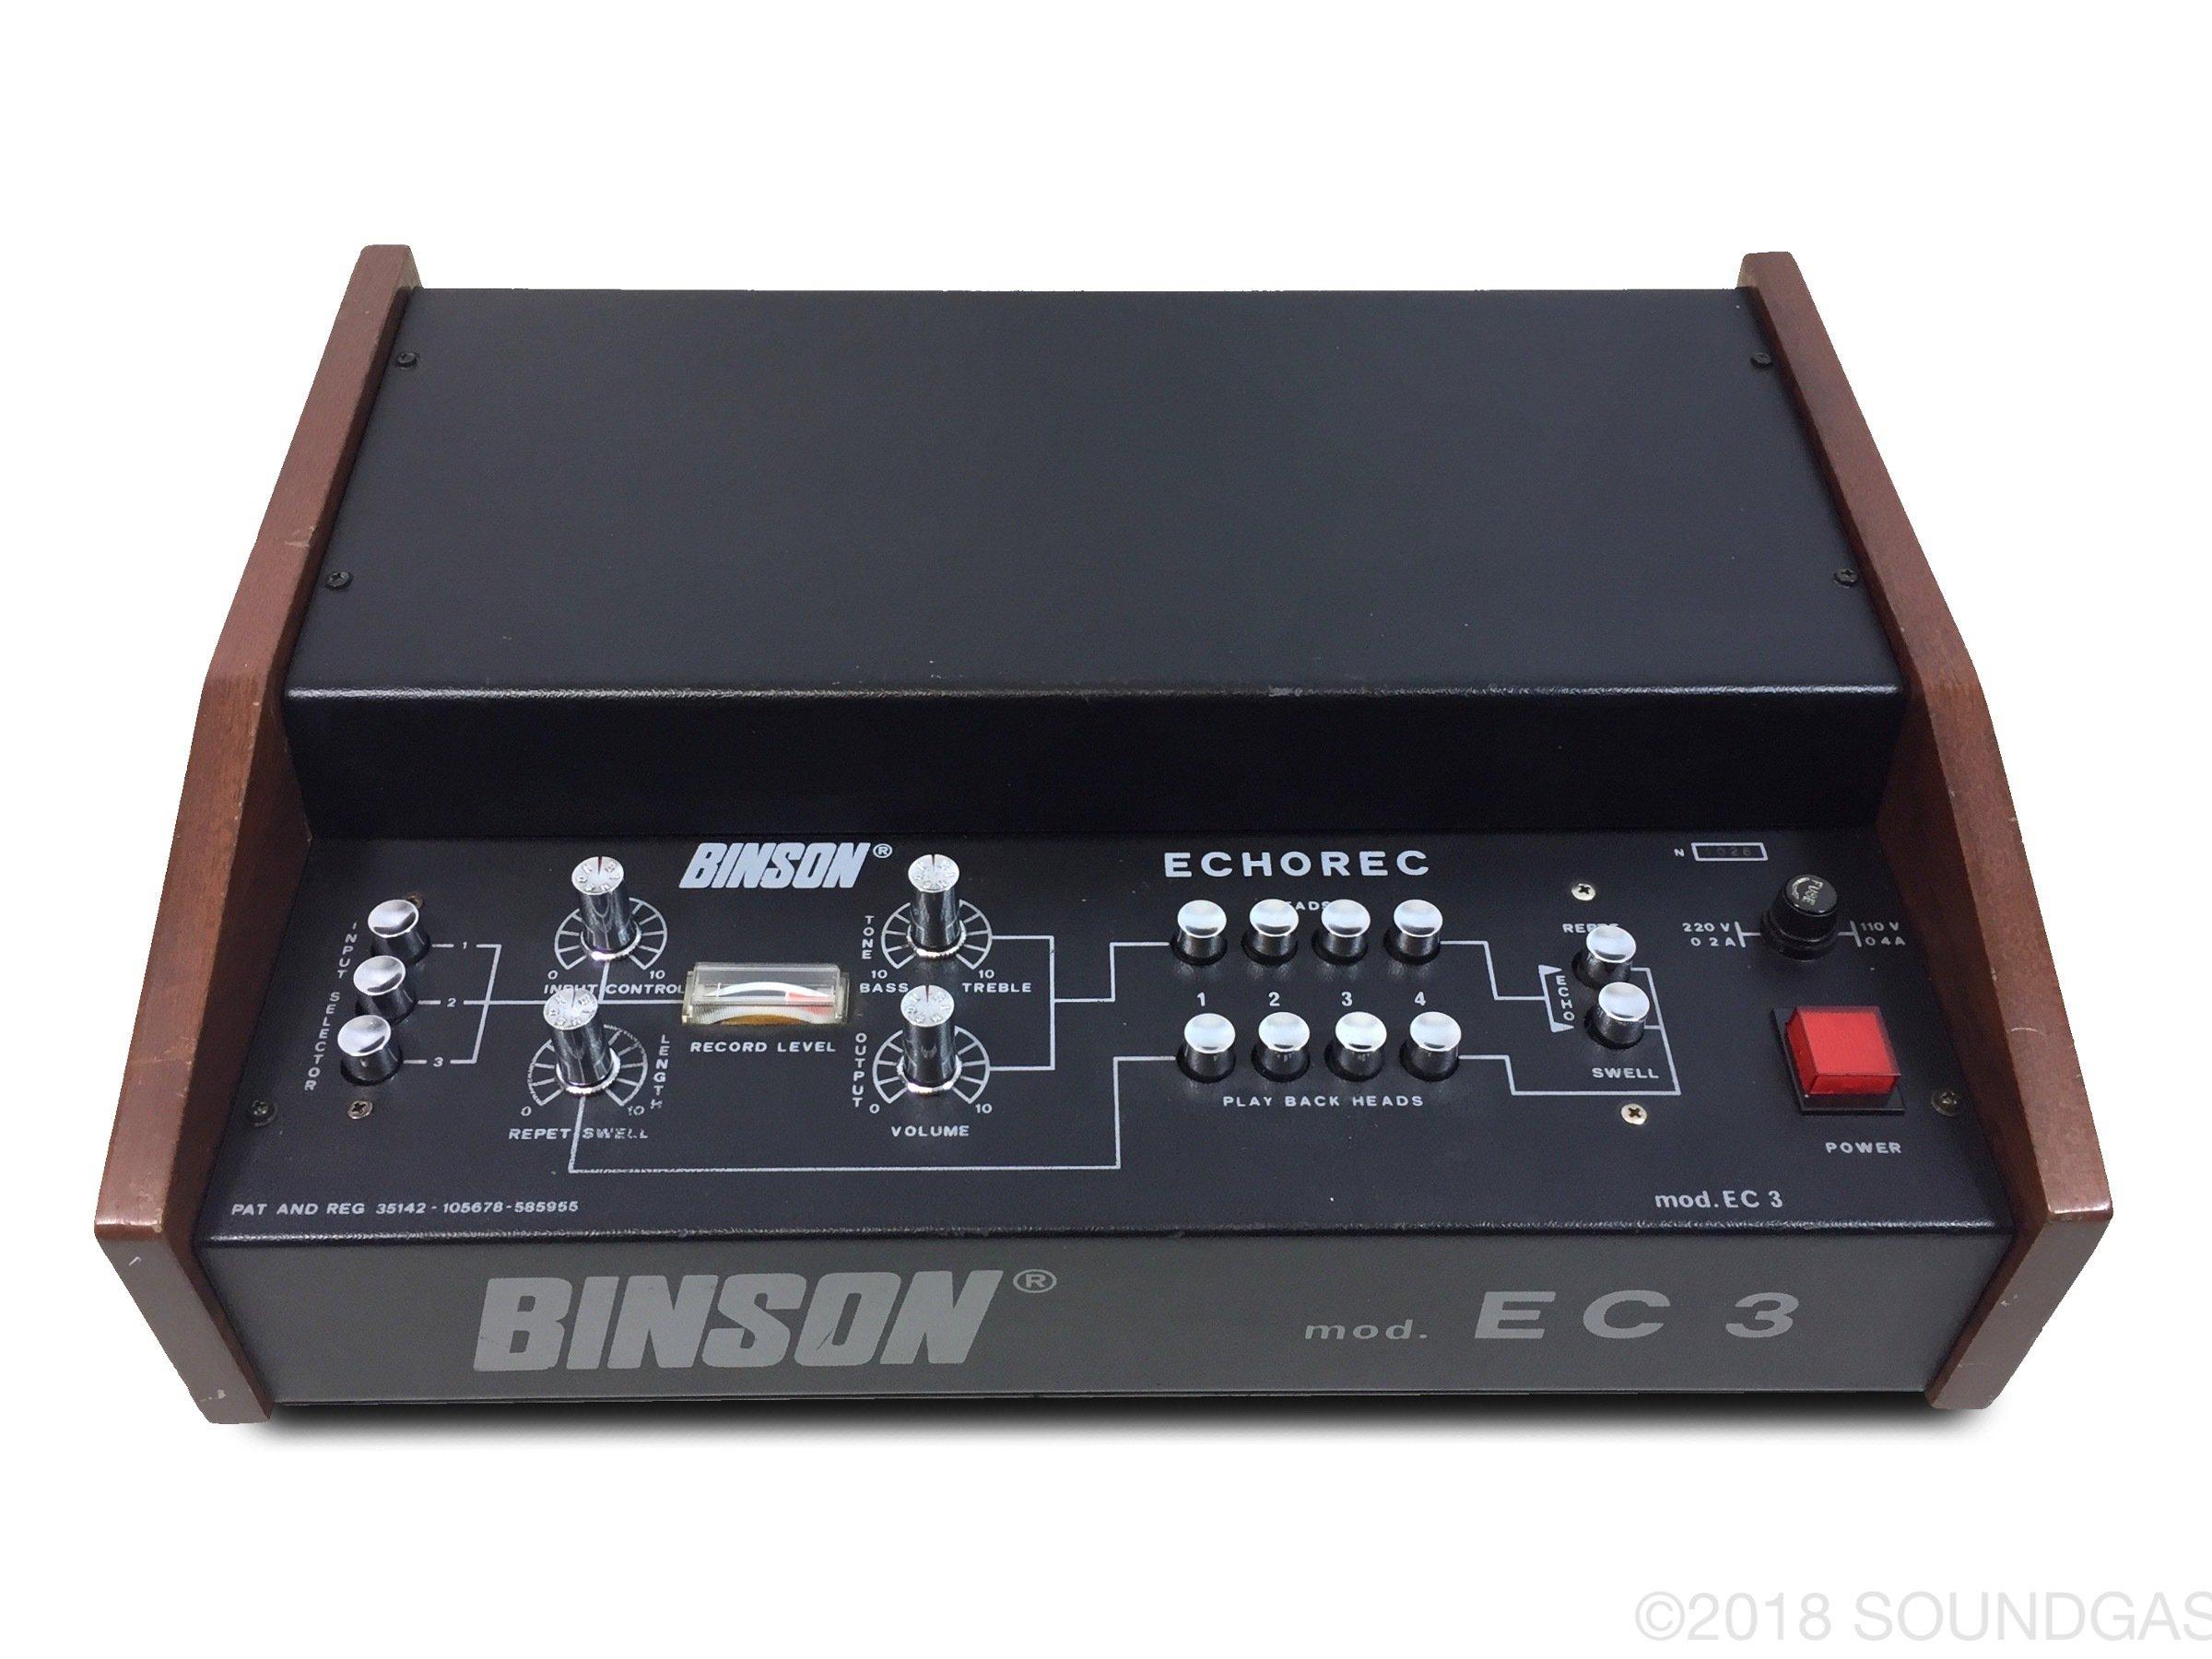 Binson Echore EC-3